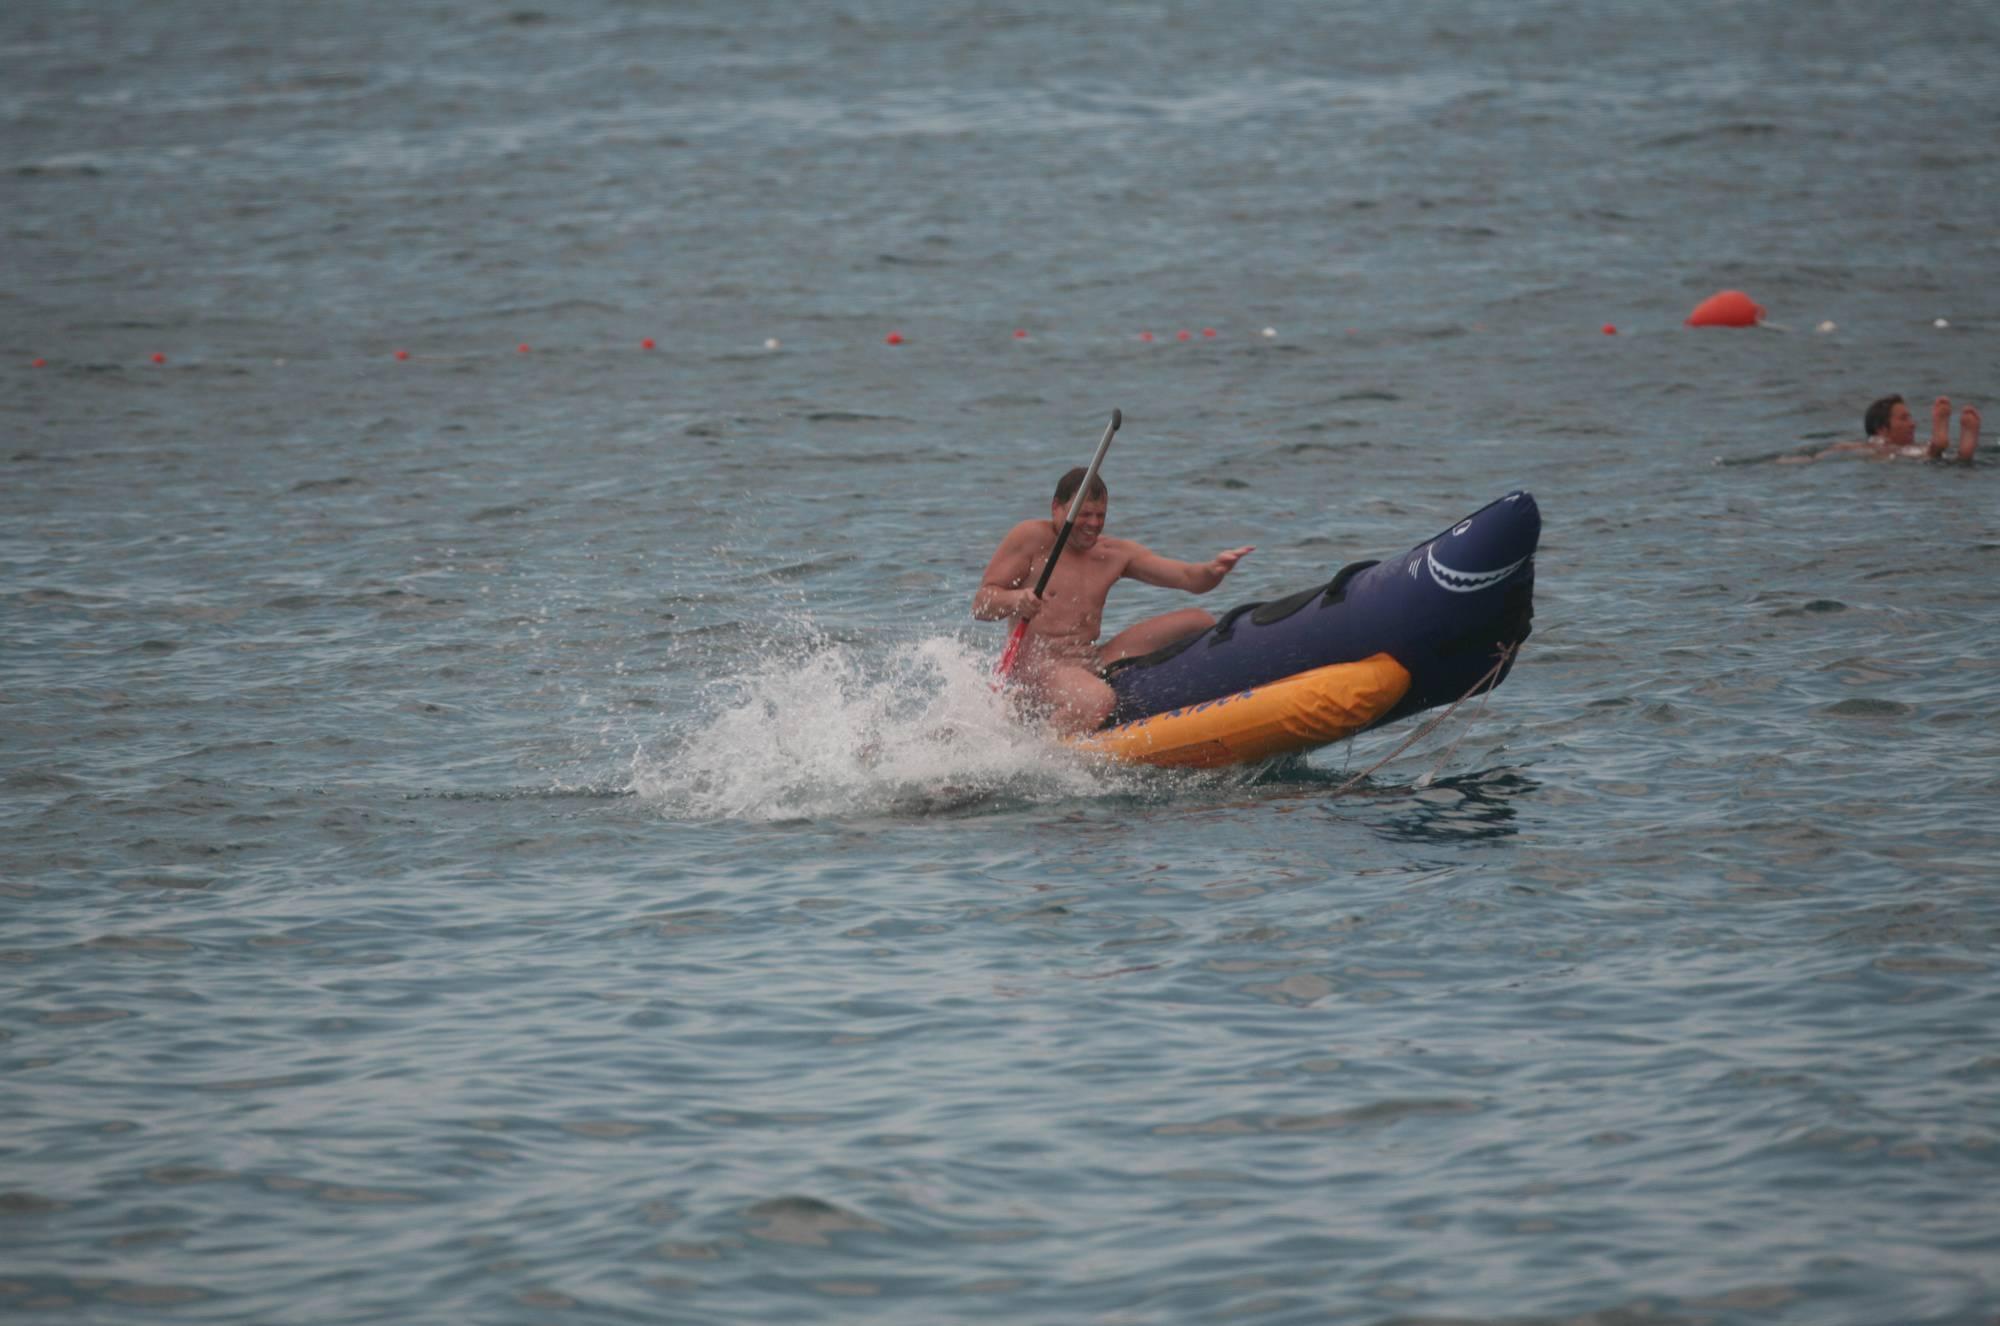 Cove FKK Lake Activities - 1